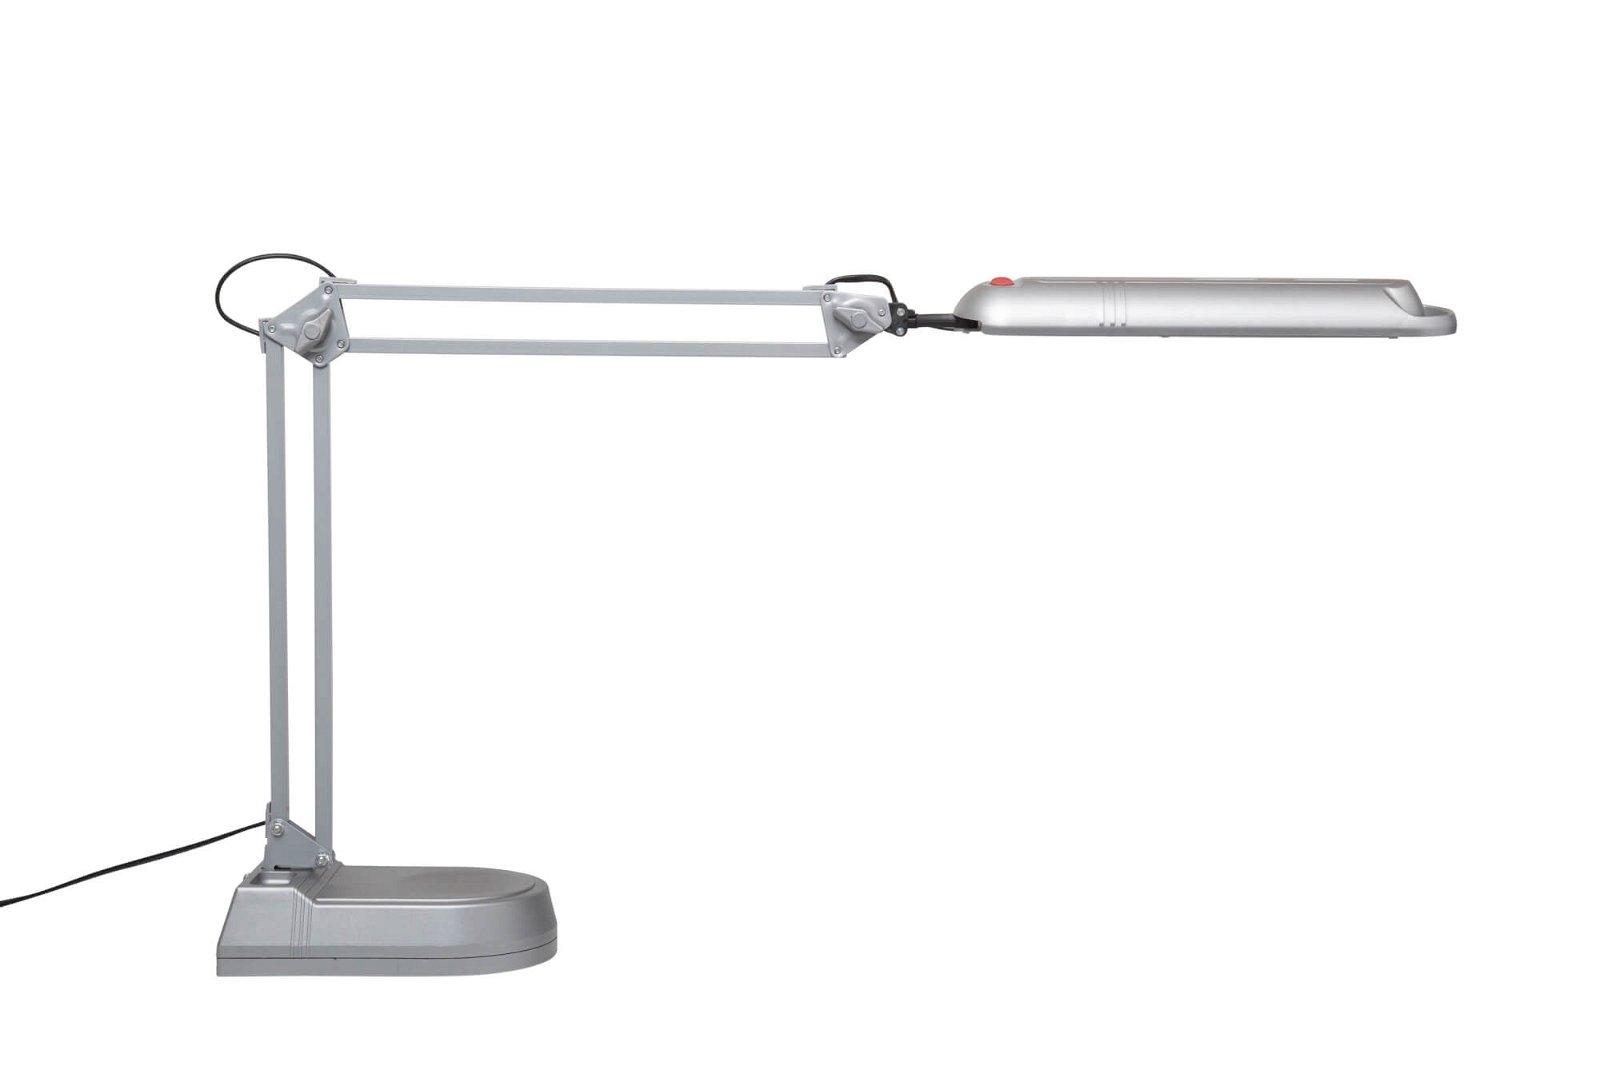 Energiespar-Tischleuchte MAULatlantic, mit Standfuß, silber